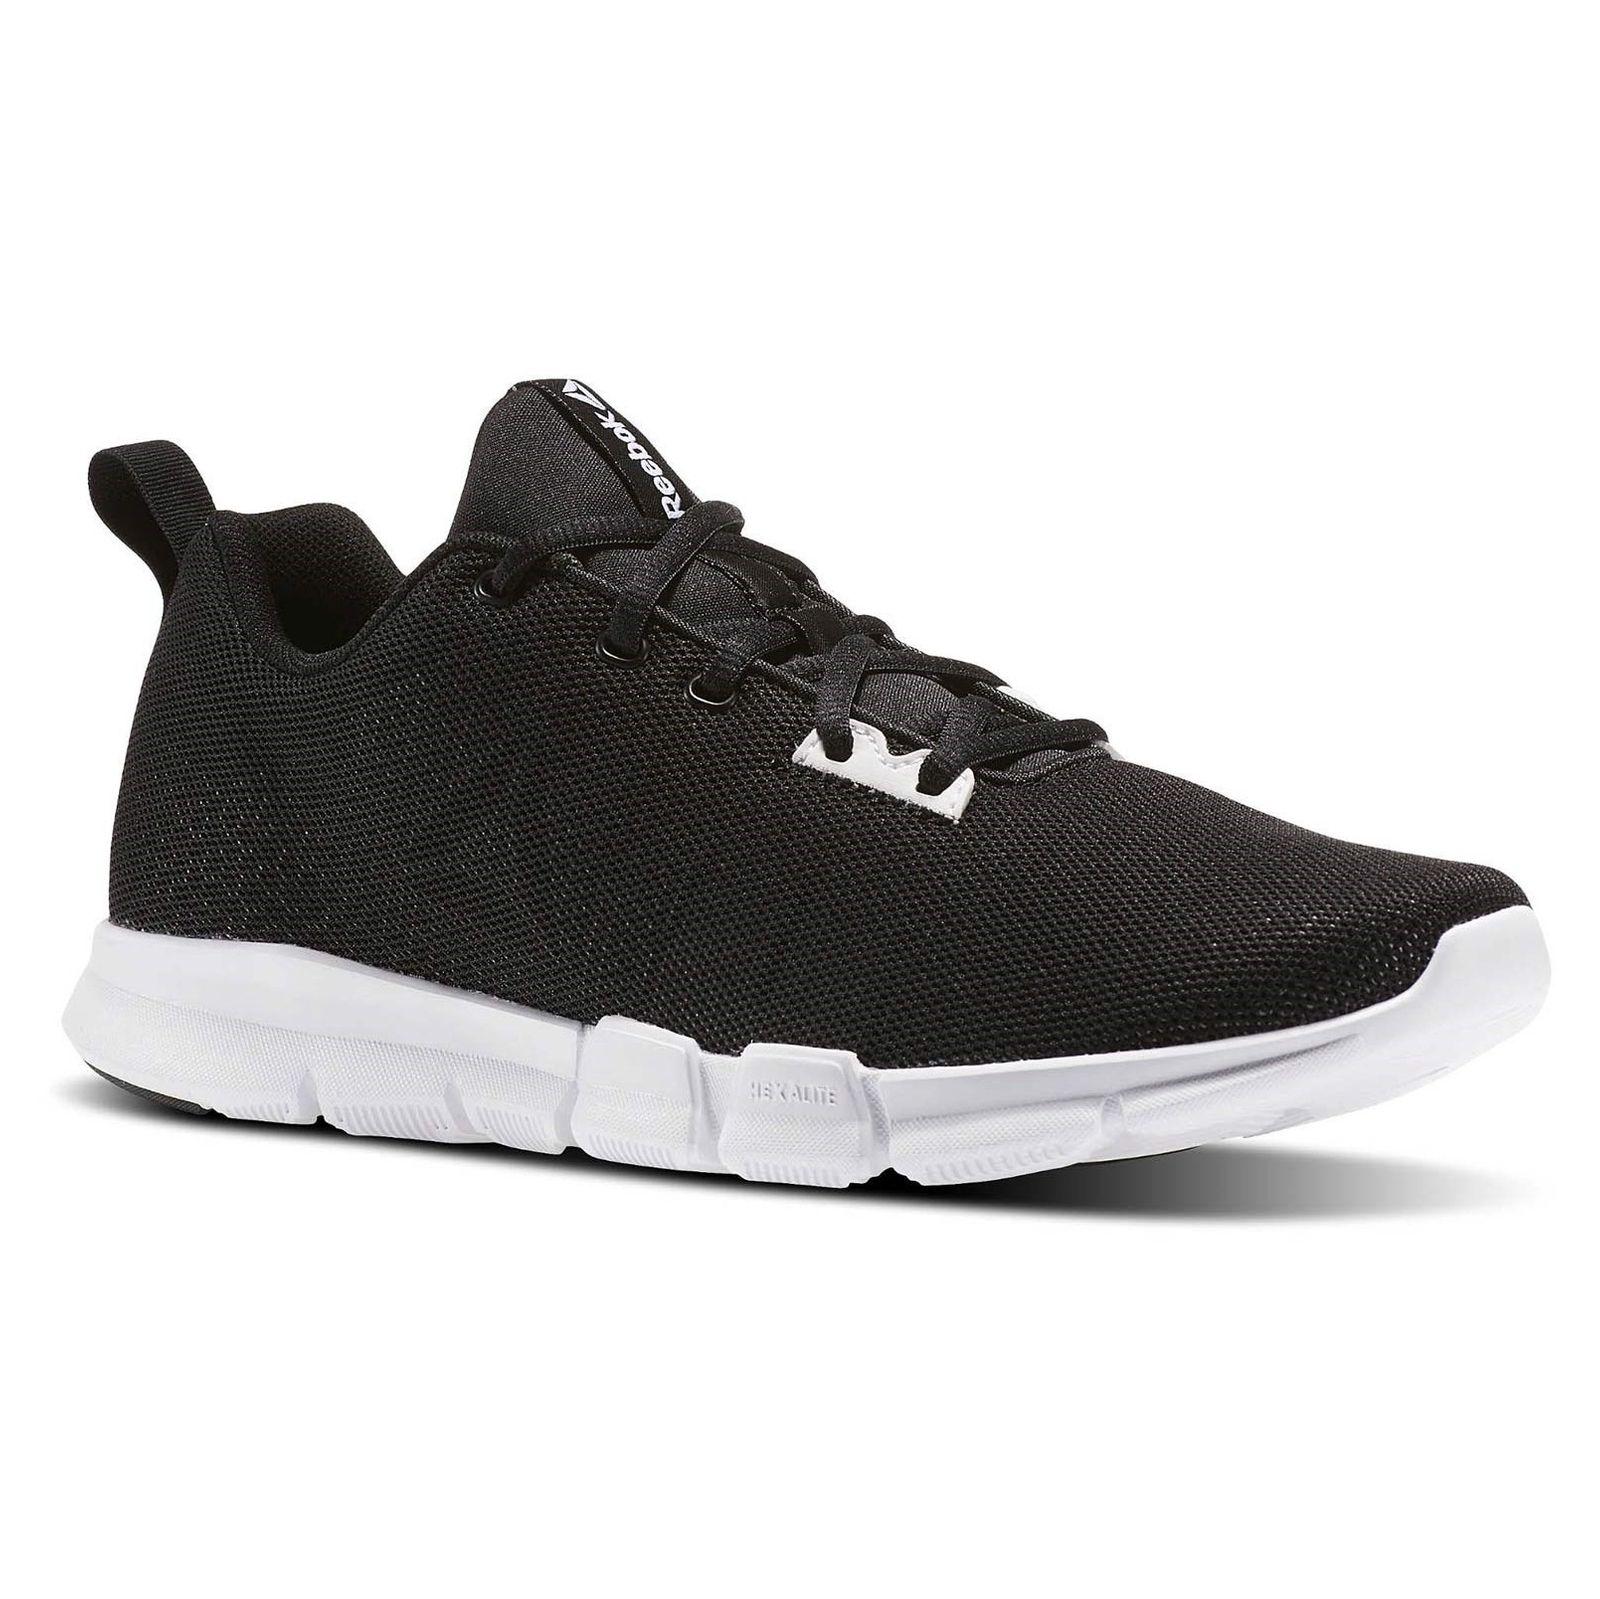 کفش تمرین بندی مردانه Hexalite TR 2-0 - ریباک - مشکي - 4